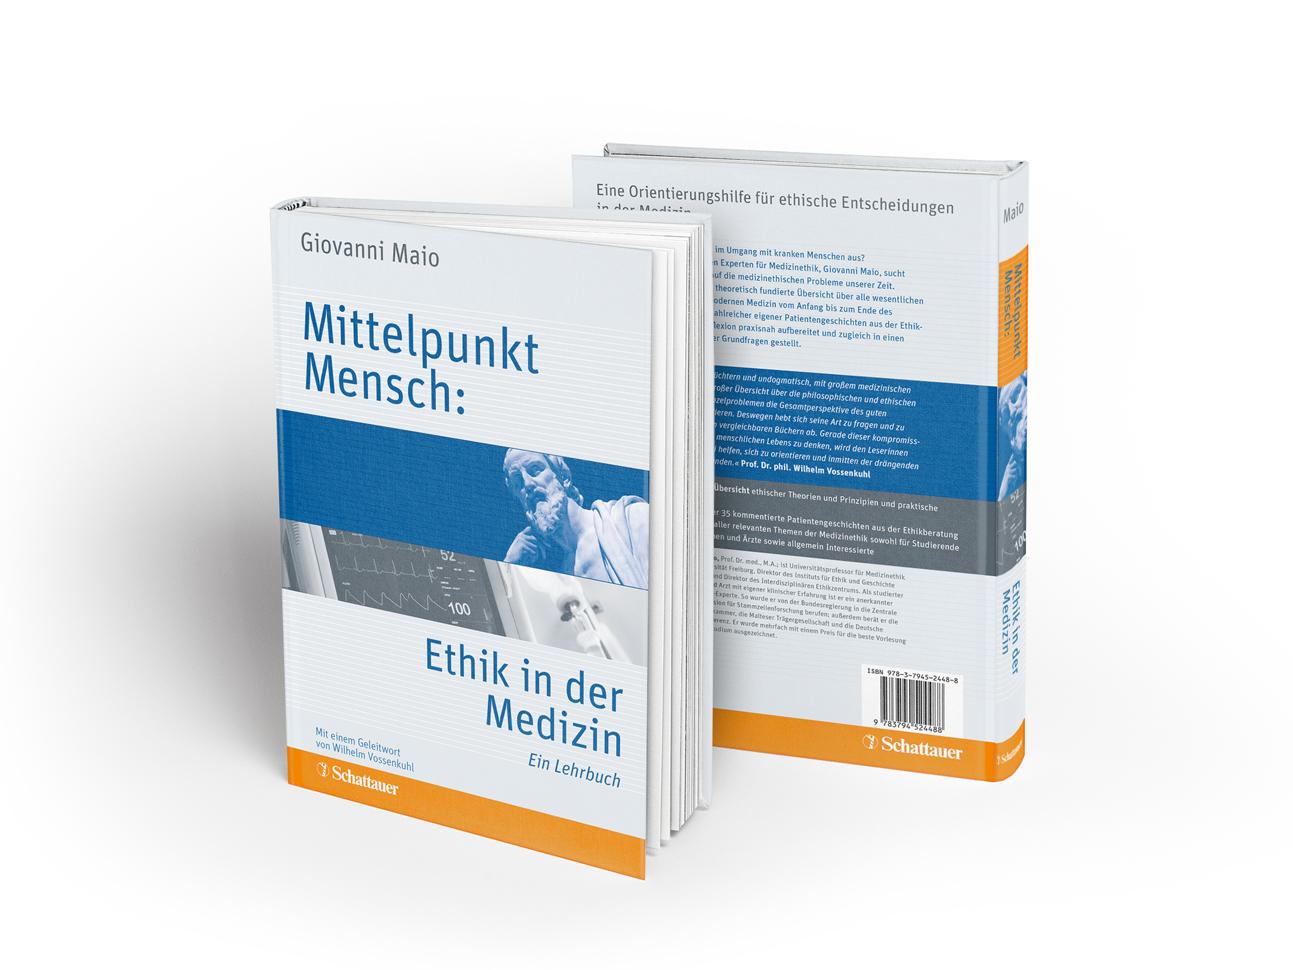 martin_zech_design_buchcover_schattauer_verlag_giovanni_maio_mittelpunkt_mensch_ethik_in_der_medizin